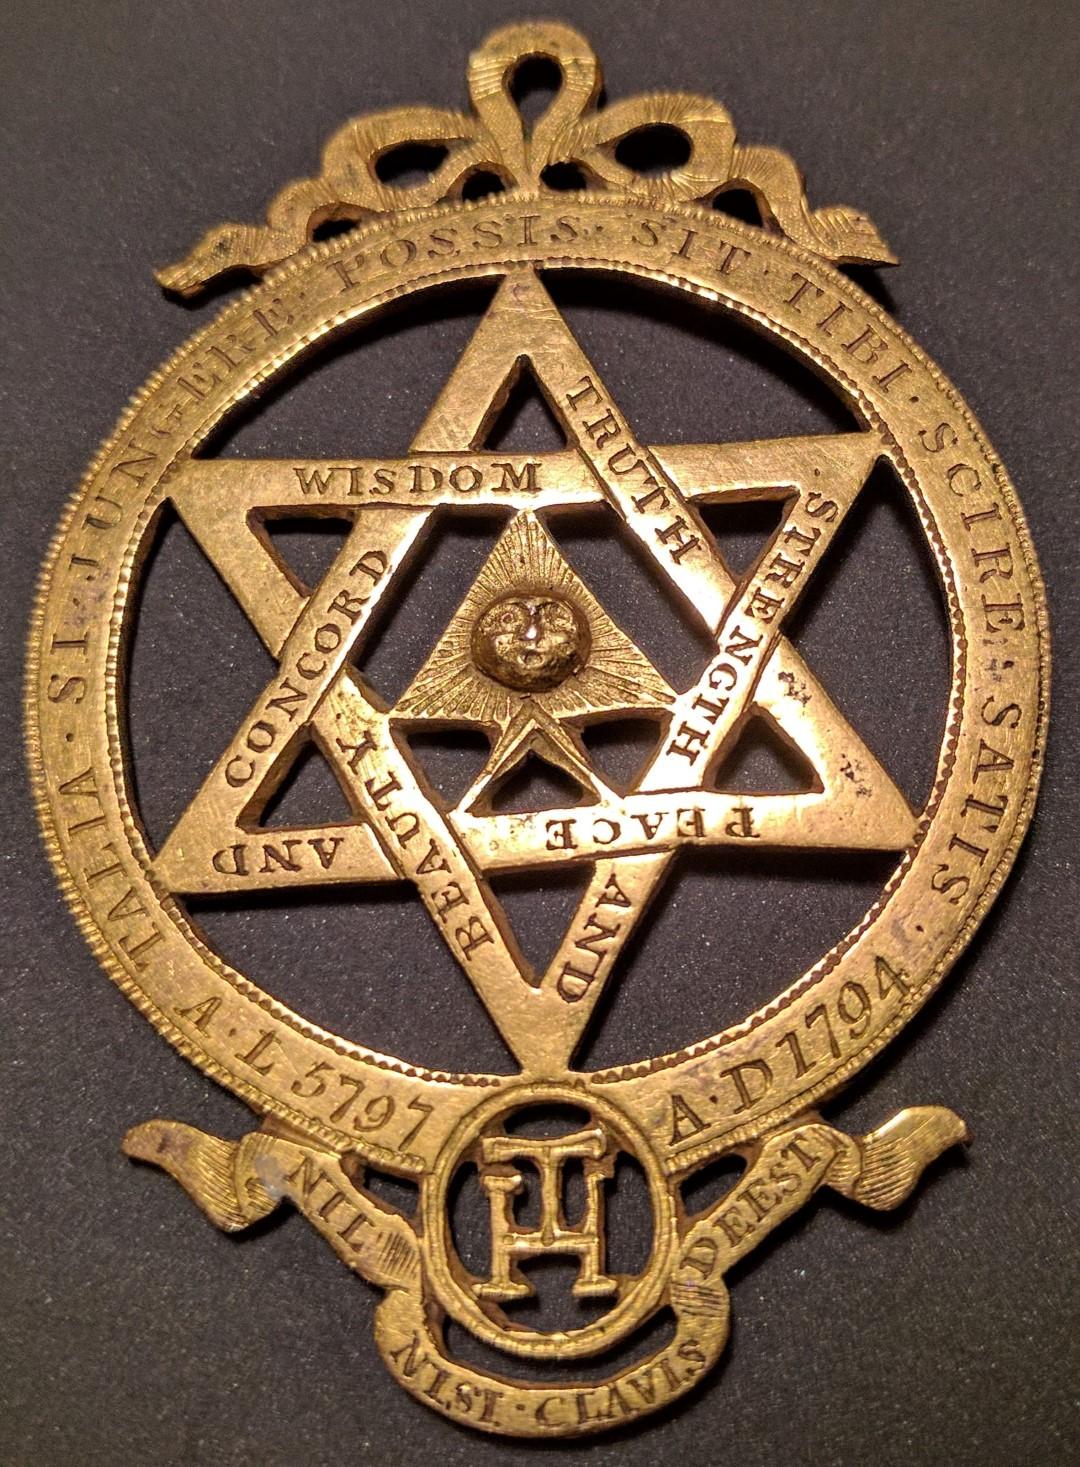 услугам гостей символы масонства фото рубль павла является